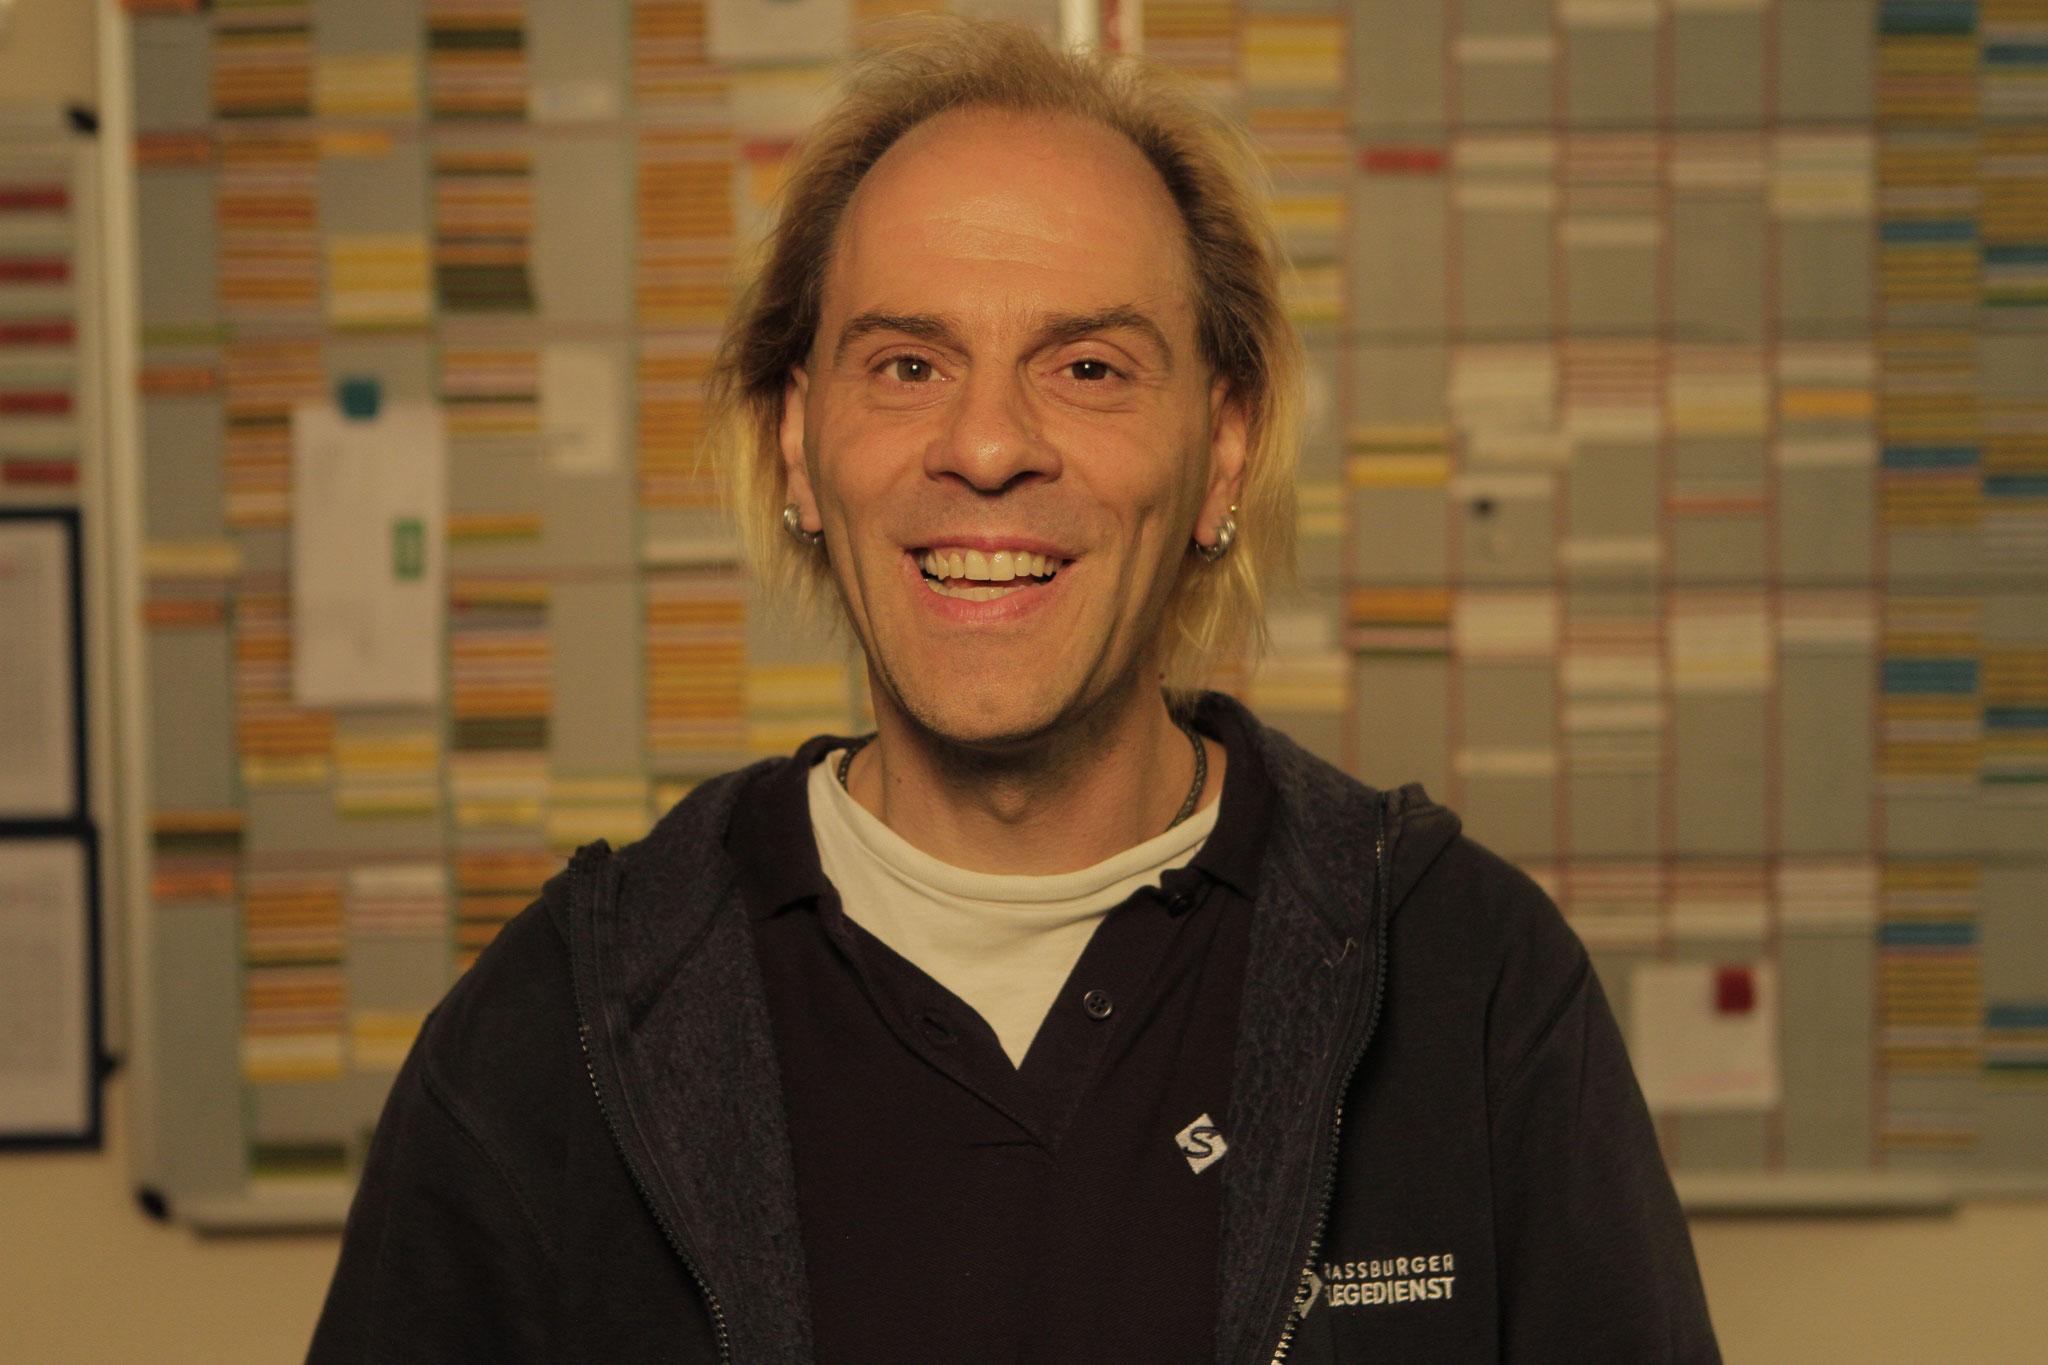 Frank Rott, Gesundheitspflegeassistent